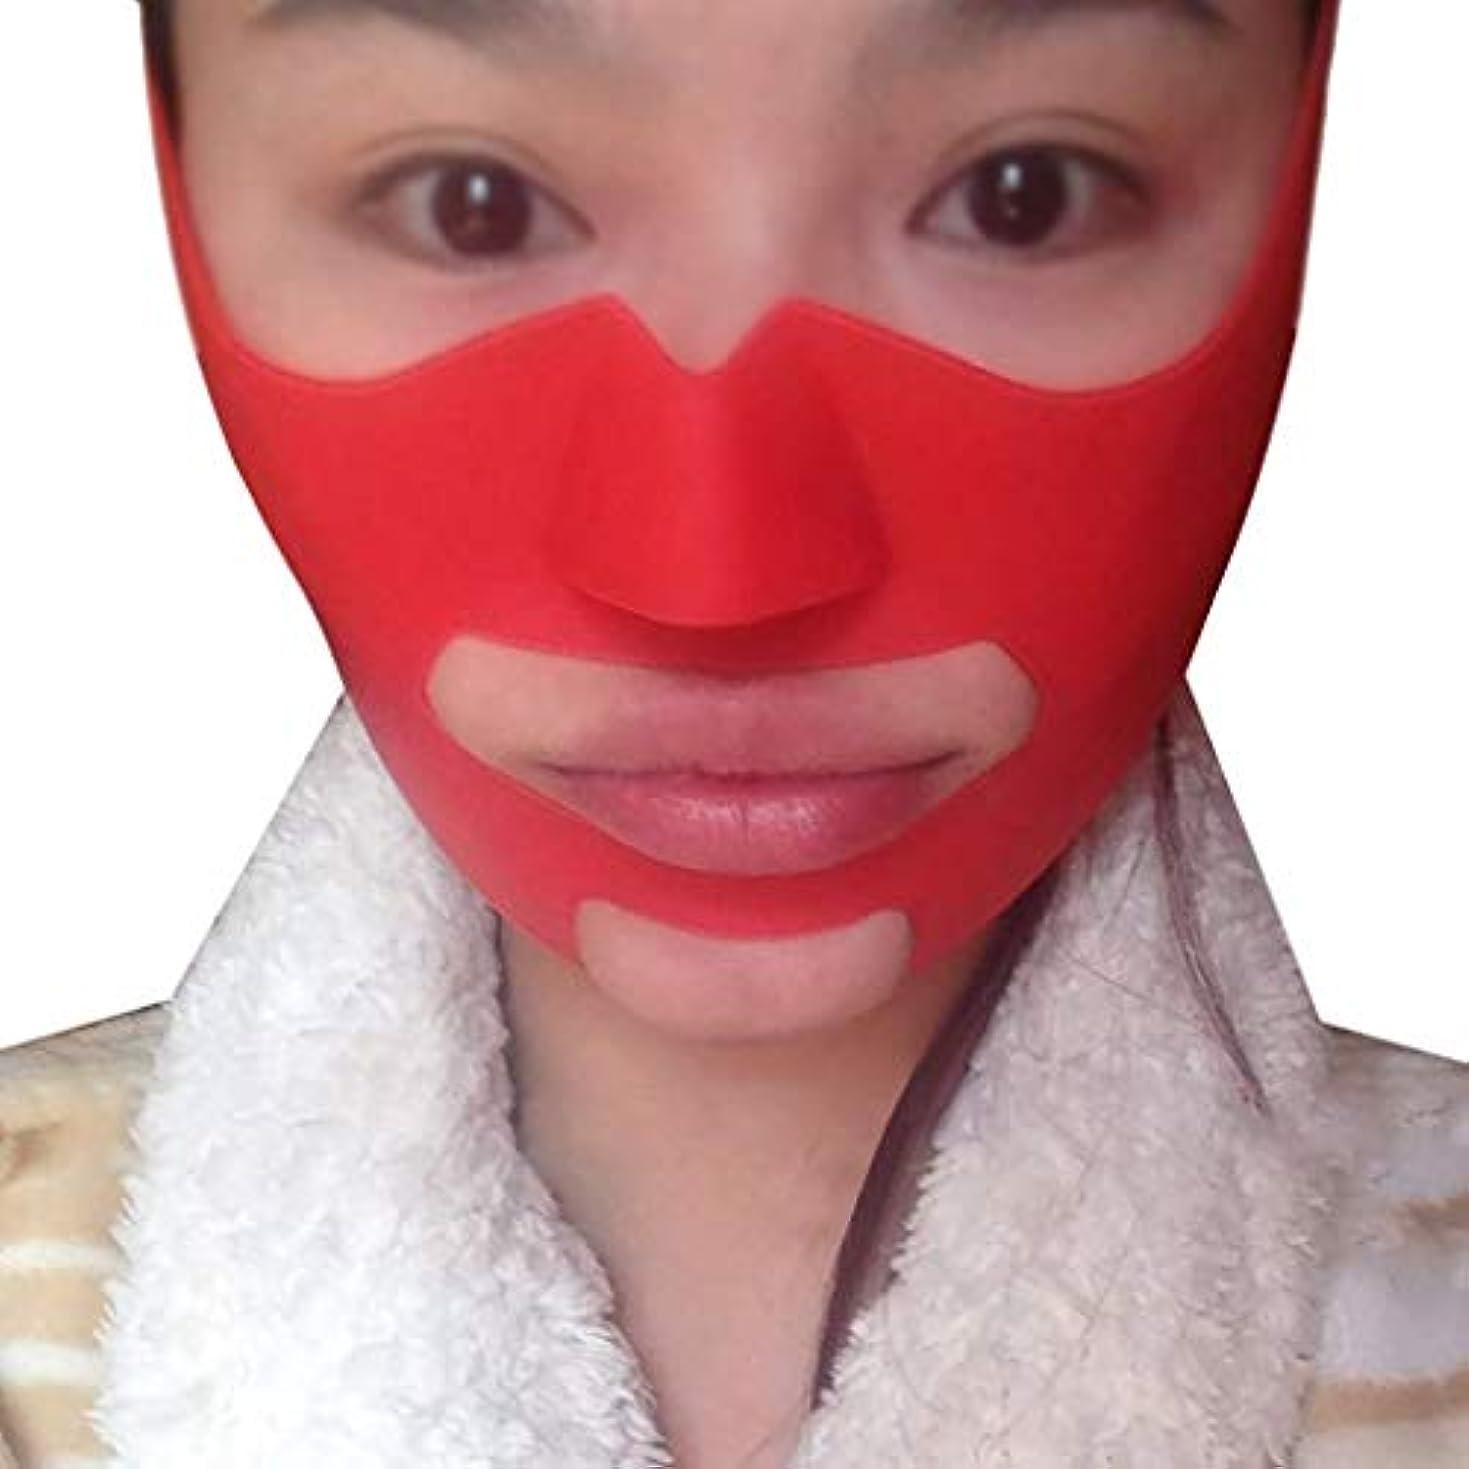 モック嵐のジェーンオースティンフェイスリフトマスク、シリコーンVフェイスマスクフェイスマスク強力な薄い咬筋筋肉を持ち上げるアップルの筋肉パターン布アーティファクト小さなV顔包帯顔と首リフト